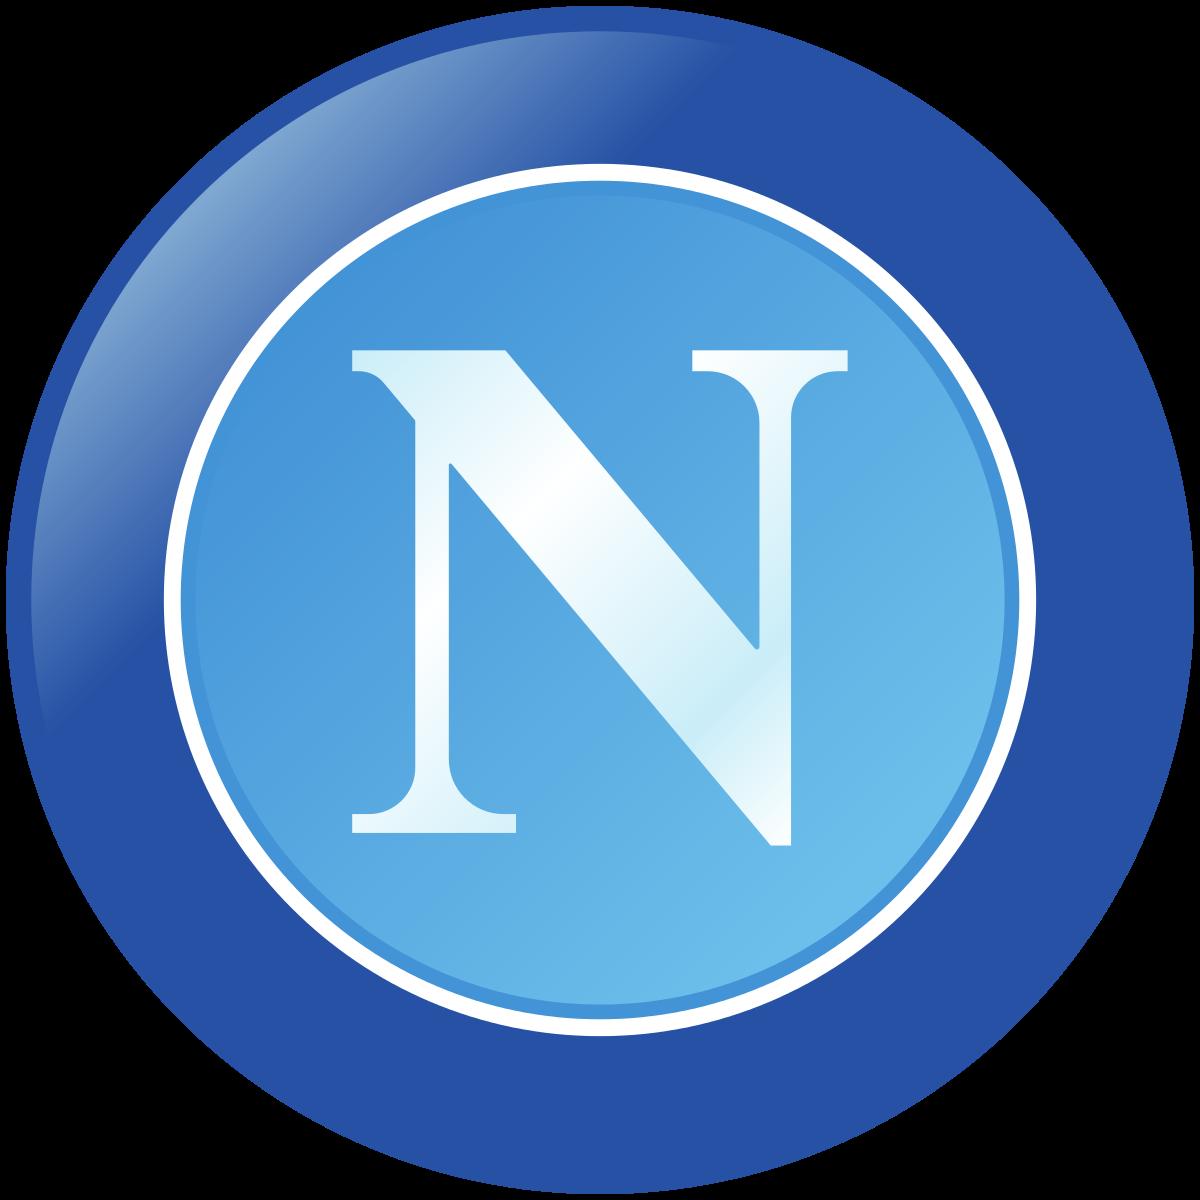 Napoli Camiseta   Camiseta Napoli replica 2021 2022